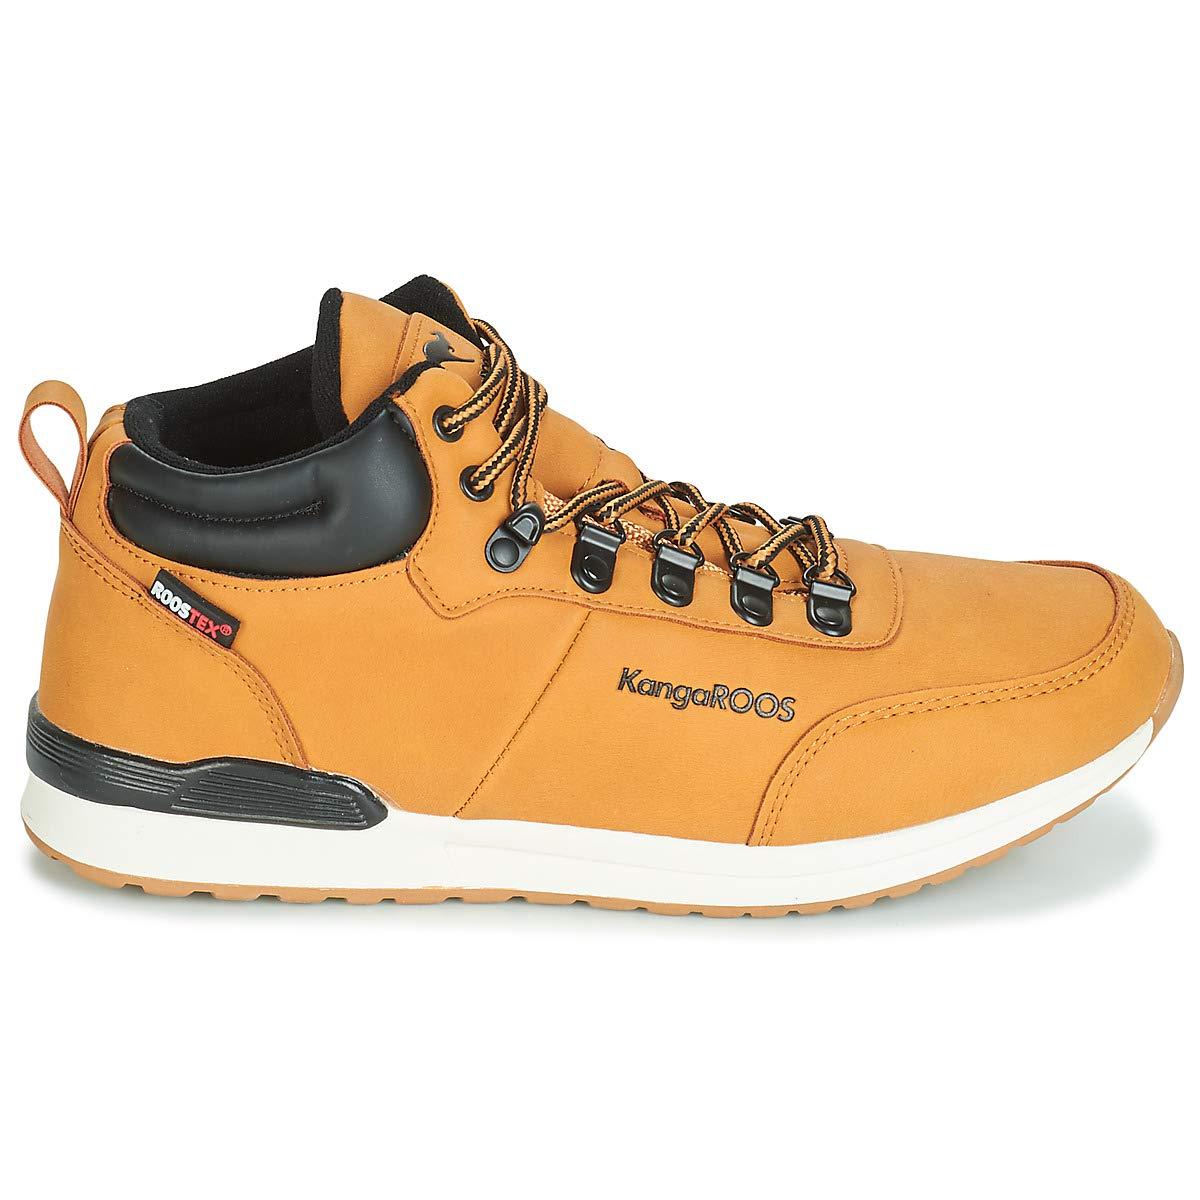 aa0909d3e563b7 Duvak Rtx Männlich K Schuhe Handtaschen Kangaroos amp  Boots gxEtwgSH